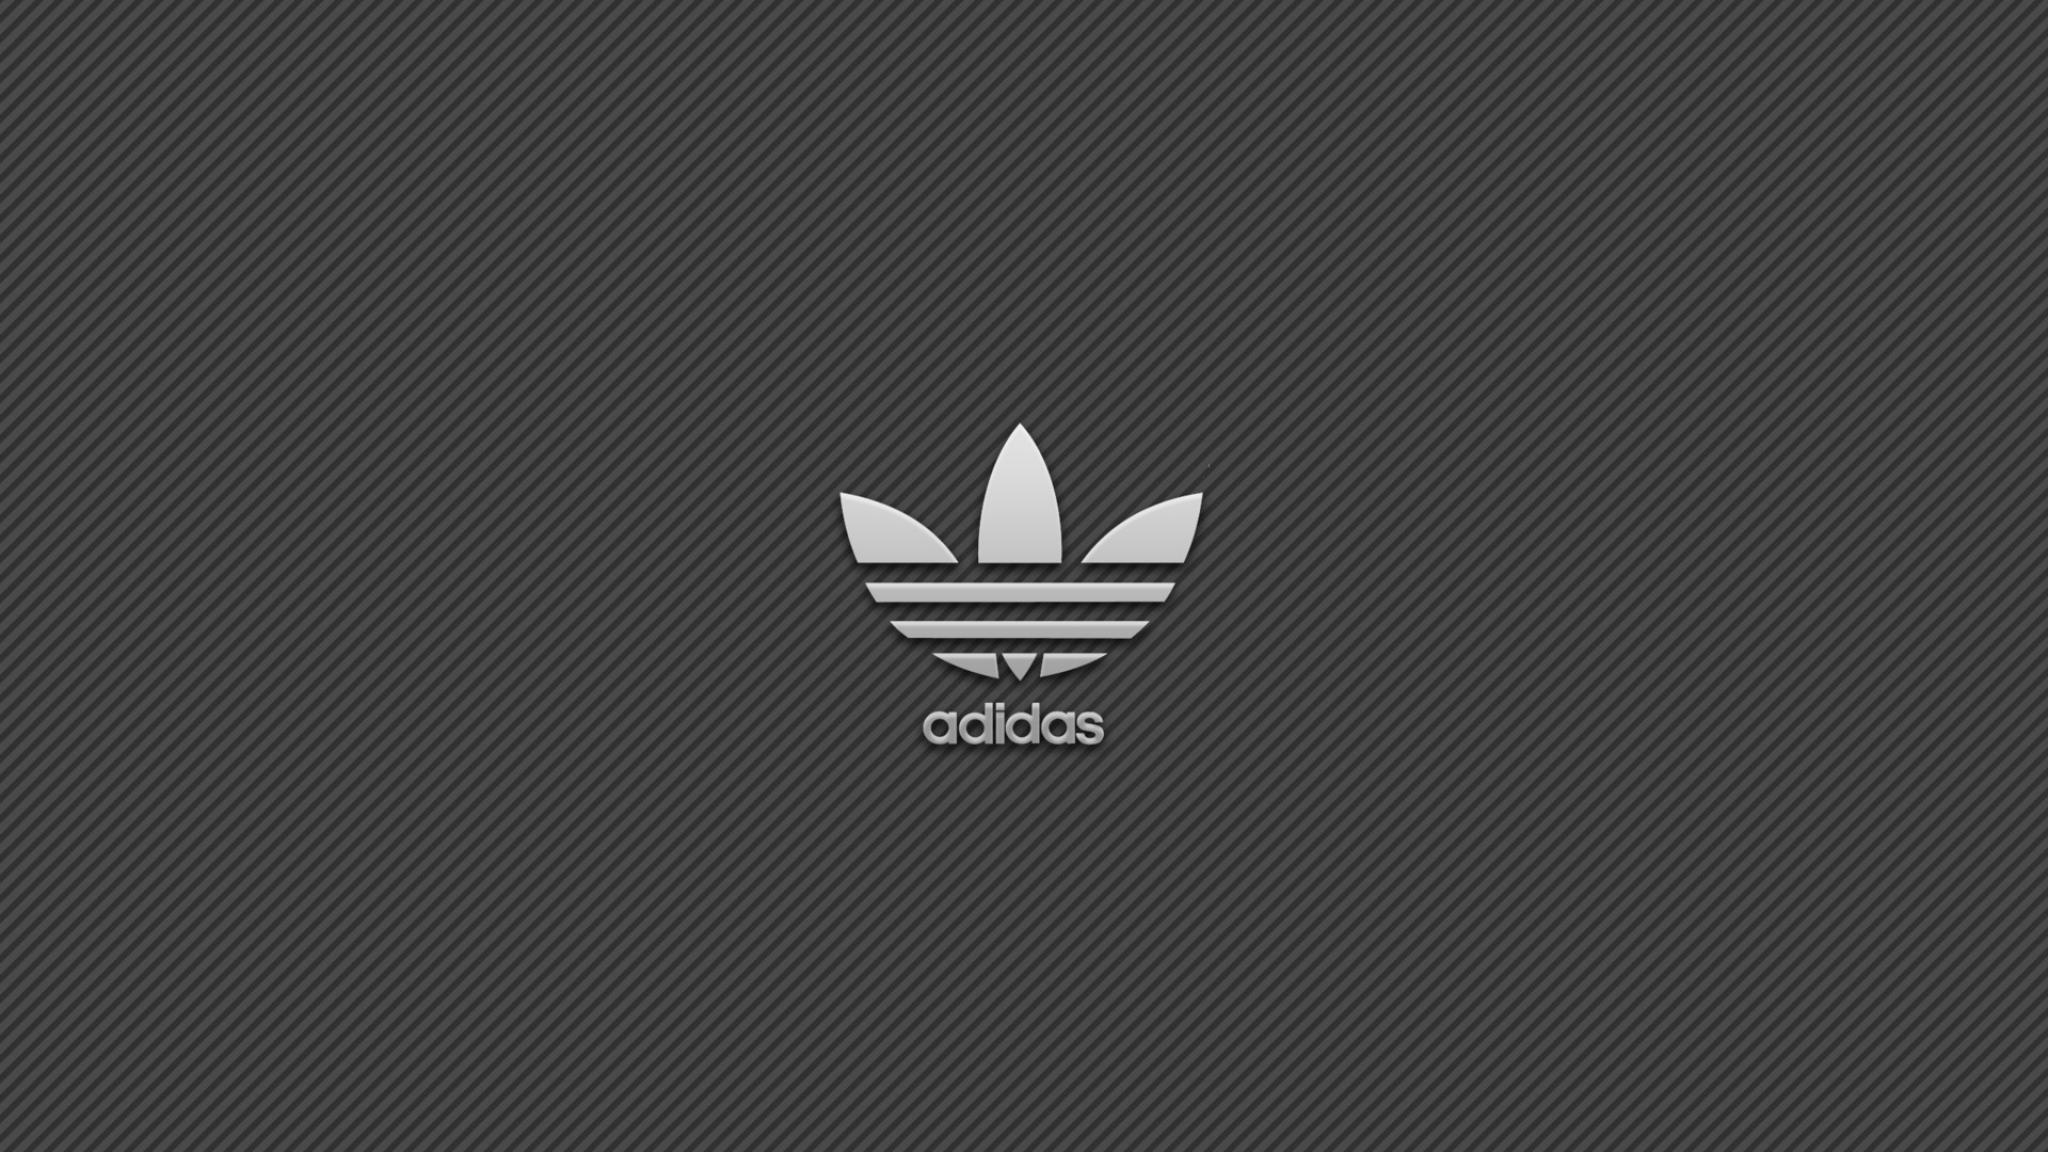 Adidas Logo Wallpaper HD WallpapersCharlie 2048x1152